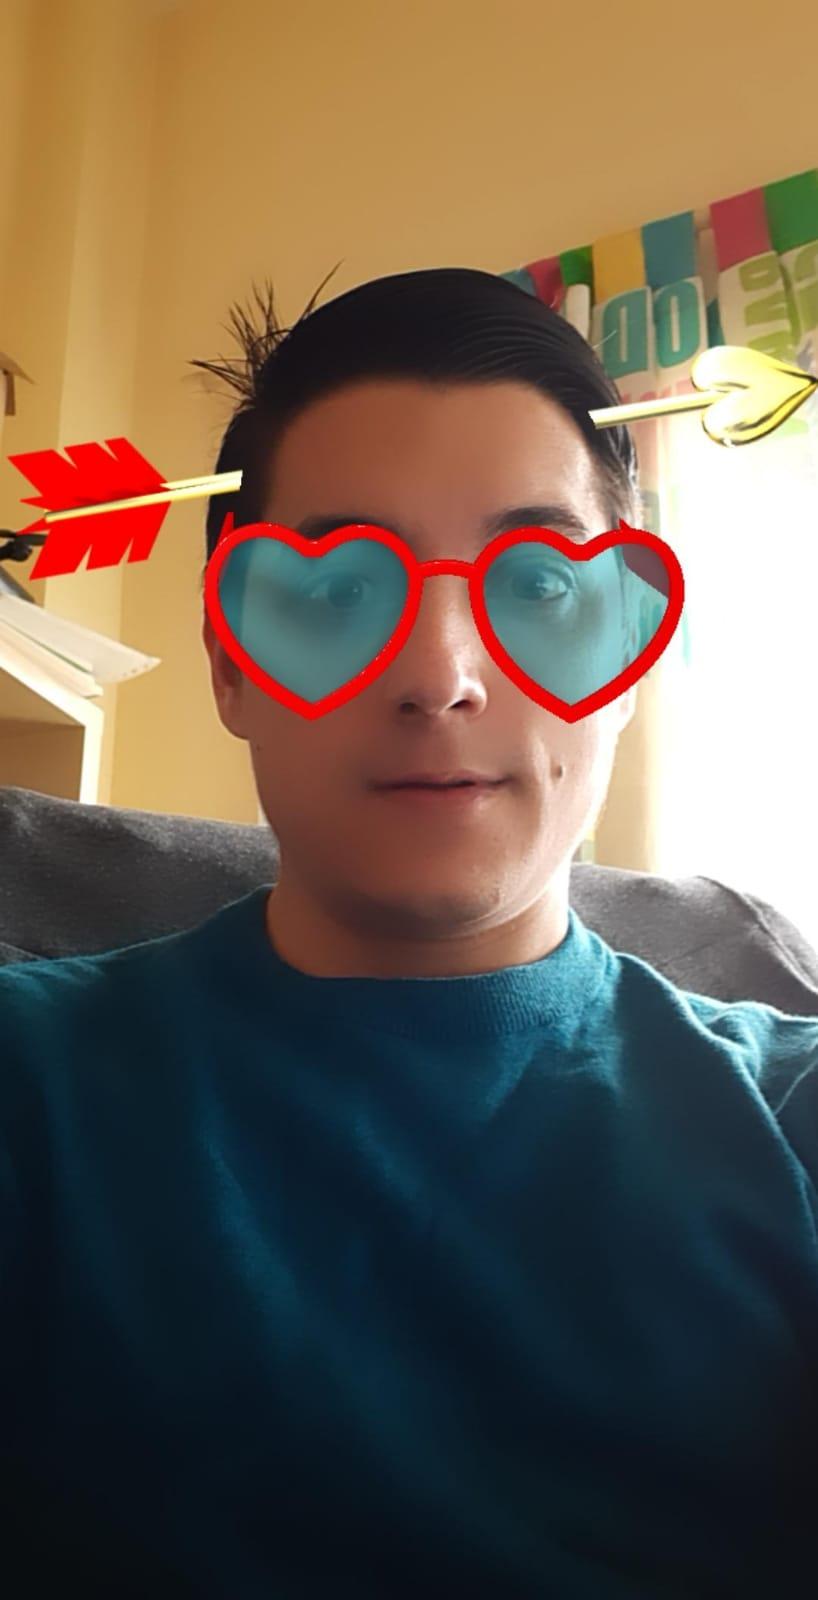 Heart Glasses